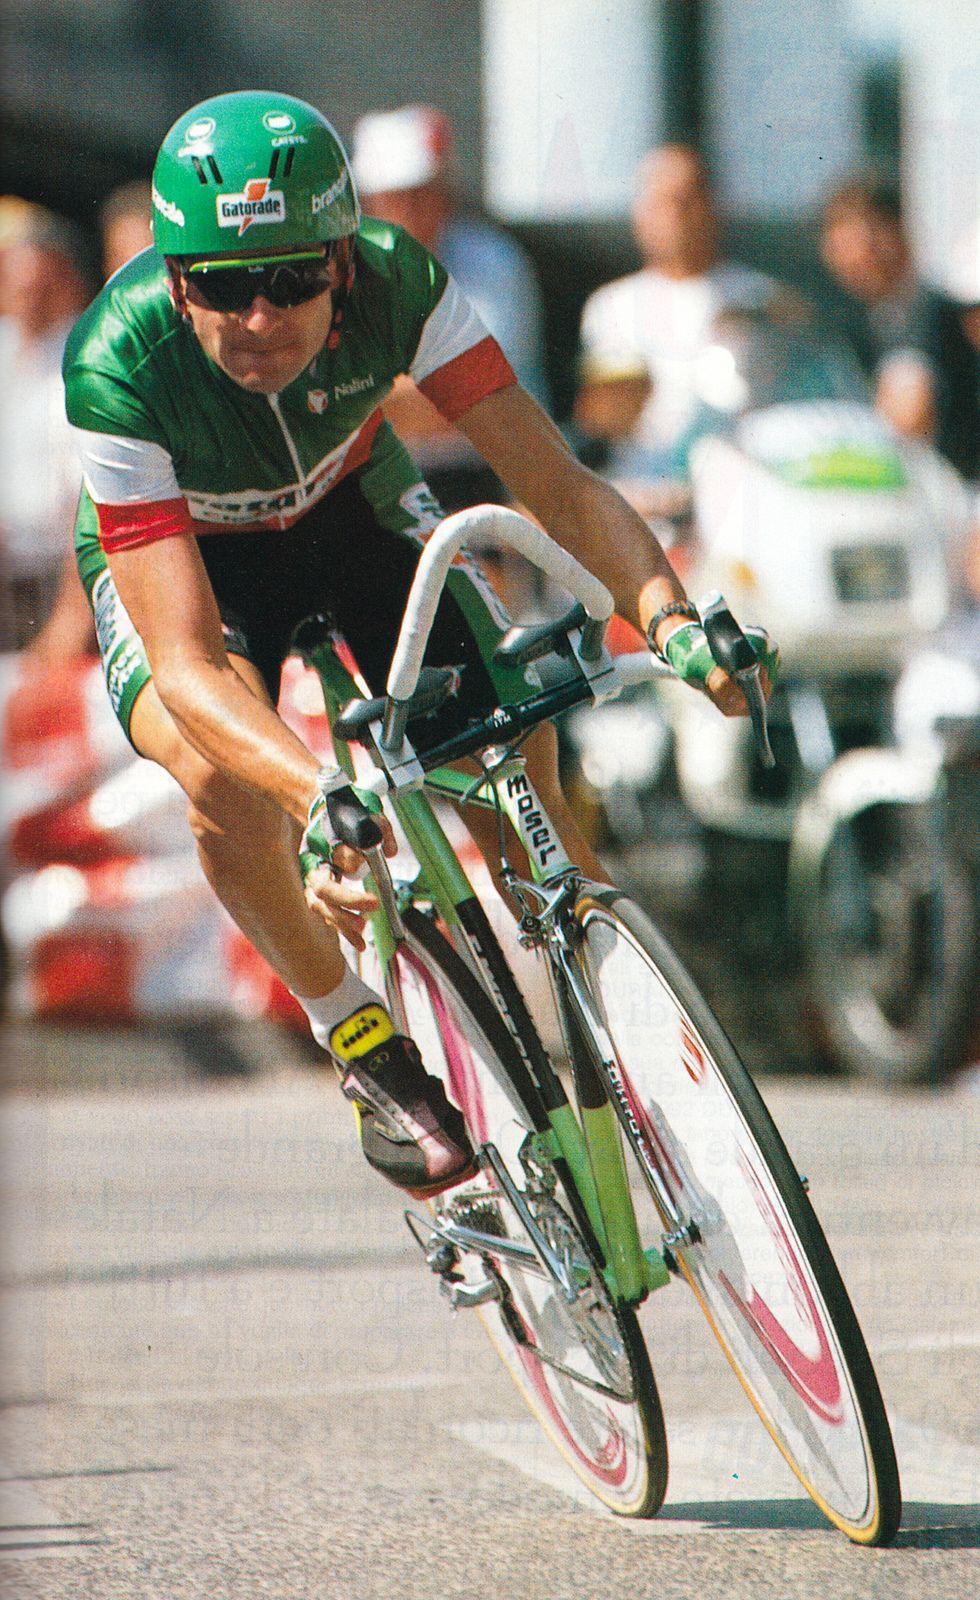 Gianni Bugno, 1991 Cycling race